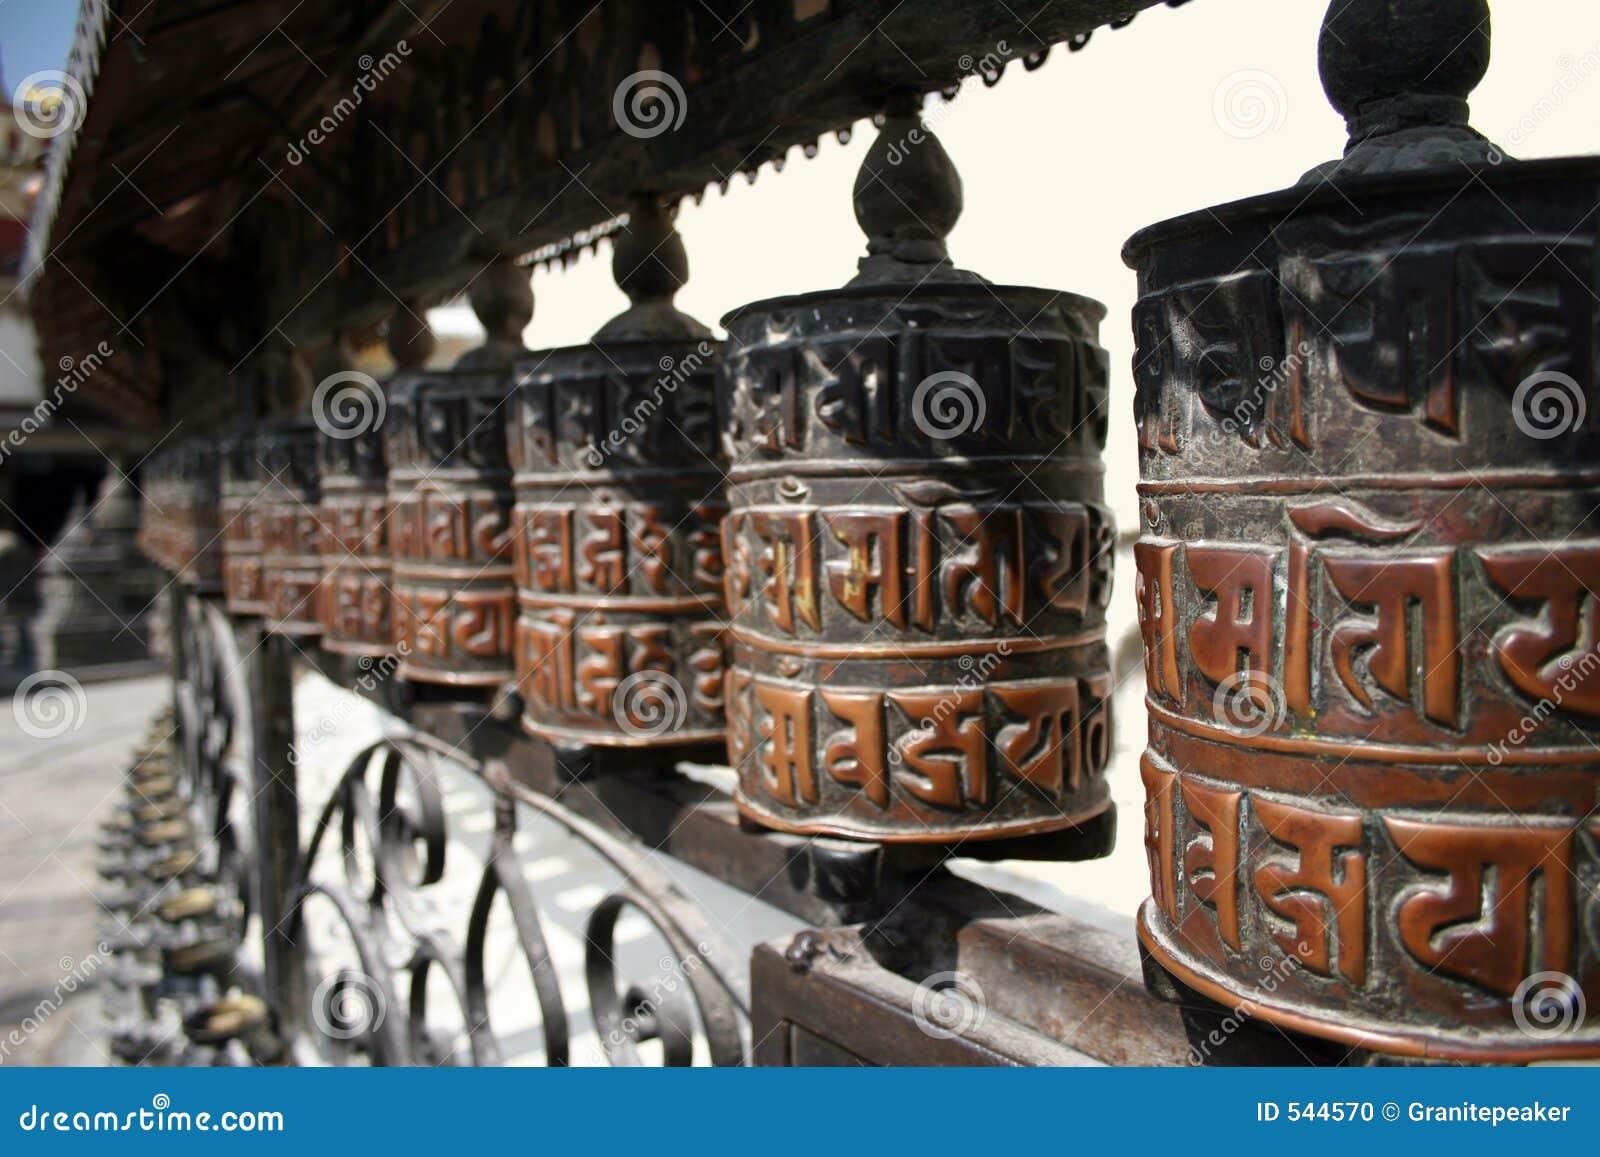 Download 地藏车 库存照片. 图片 包括有 装饰, 脚本, 雕刻, 的btu, 朝圣, 蜡烛, 空转, 西藏, 尼泊尔 - 544570